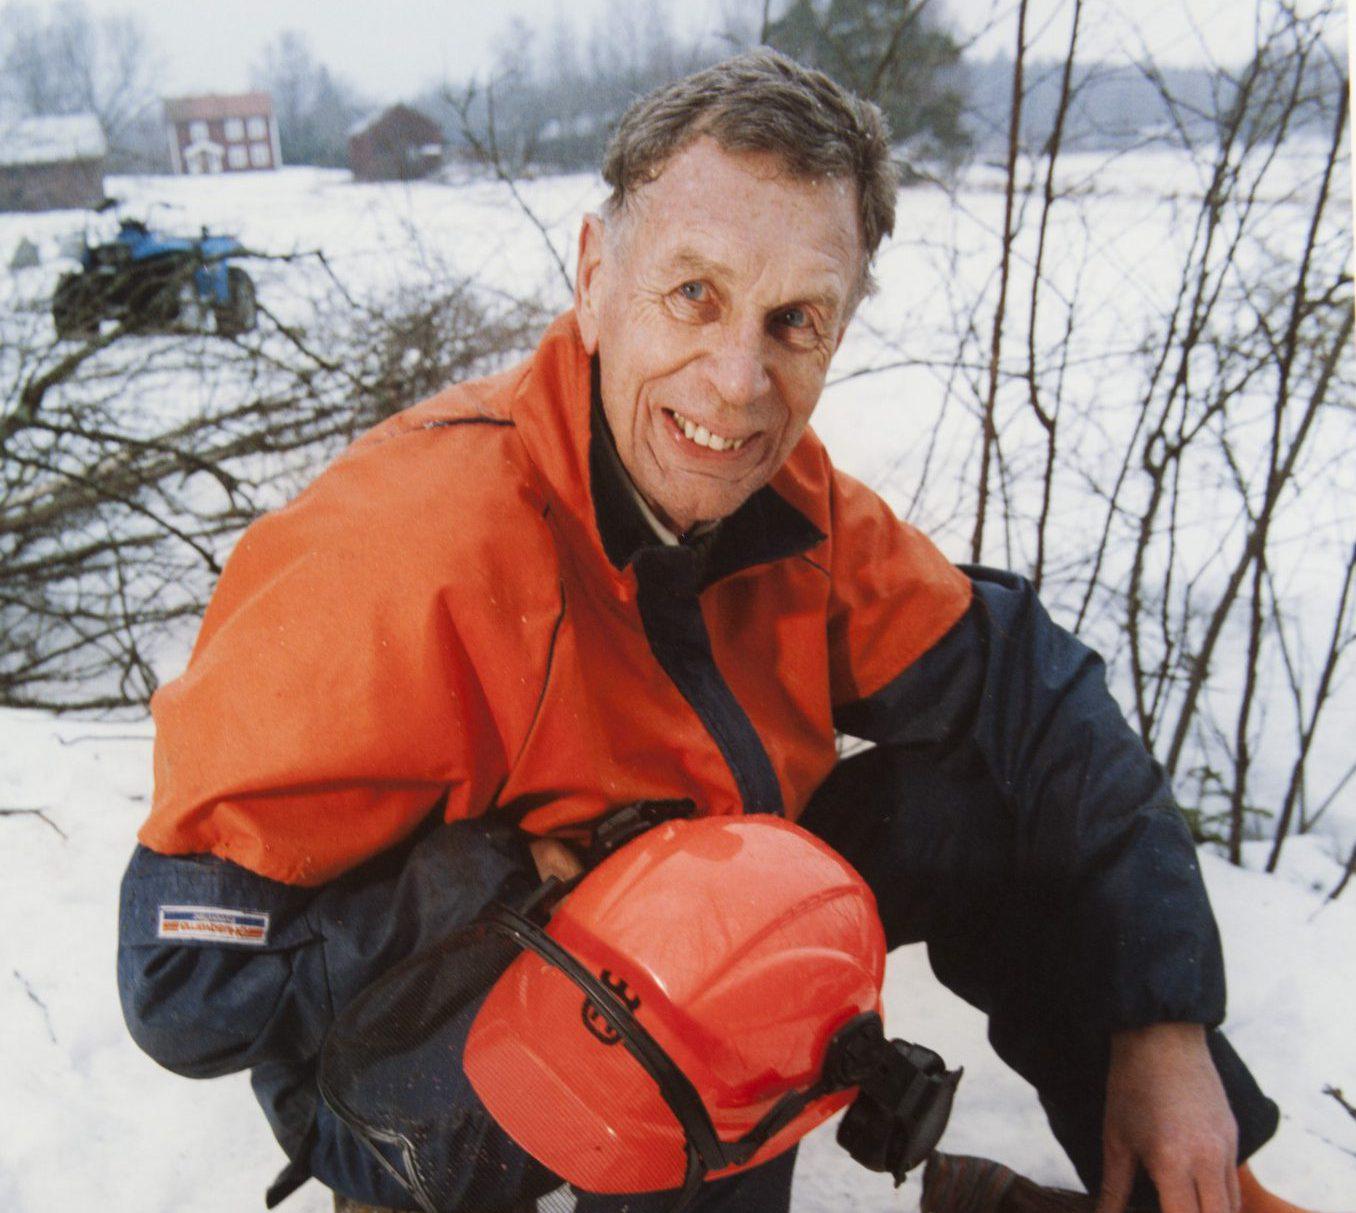 Svenska Jägareförbundets tidigare ordförande (1988–1996) Jan Olof Pettersson har avlidit i en ålder av 84 år. Foto: Per Klaesson